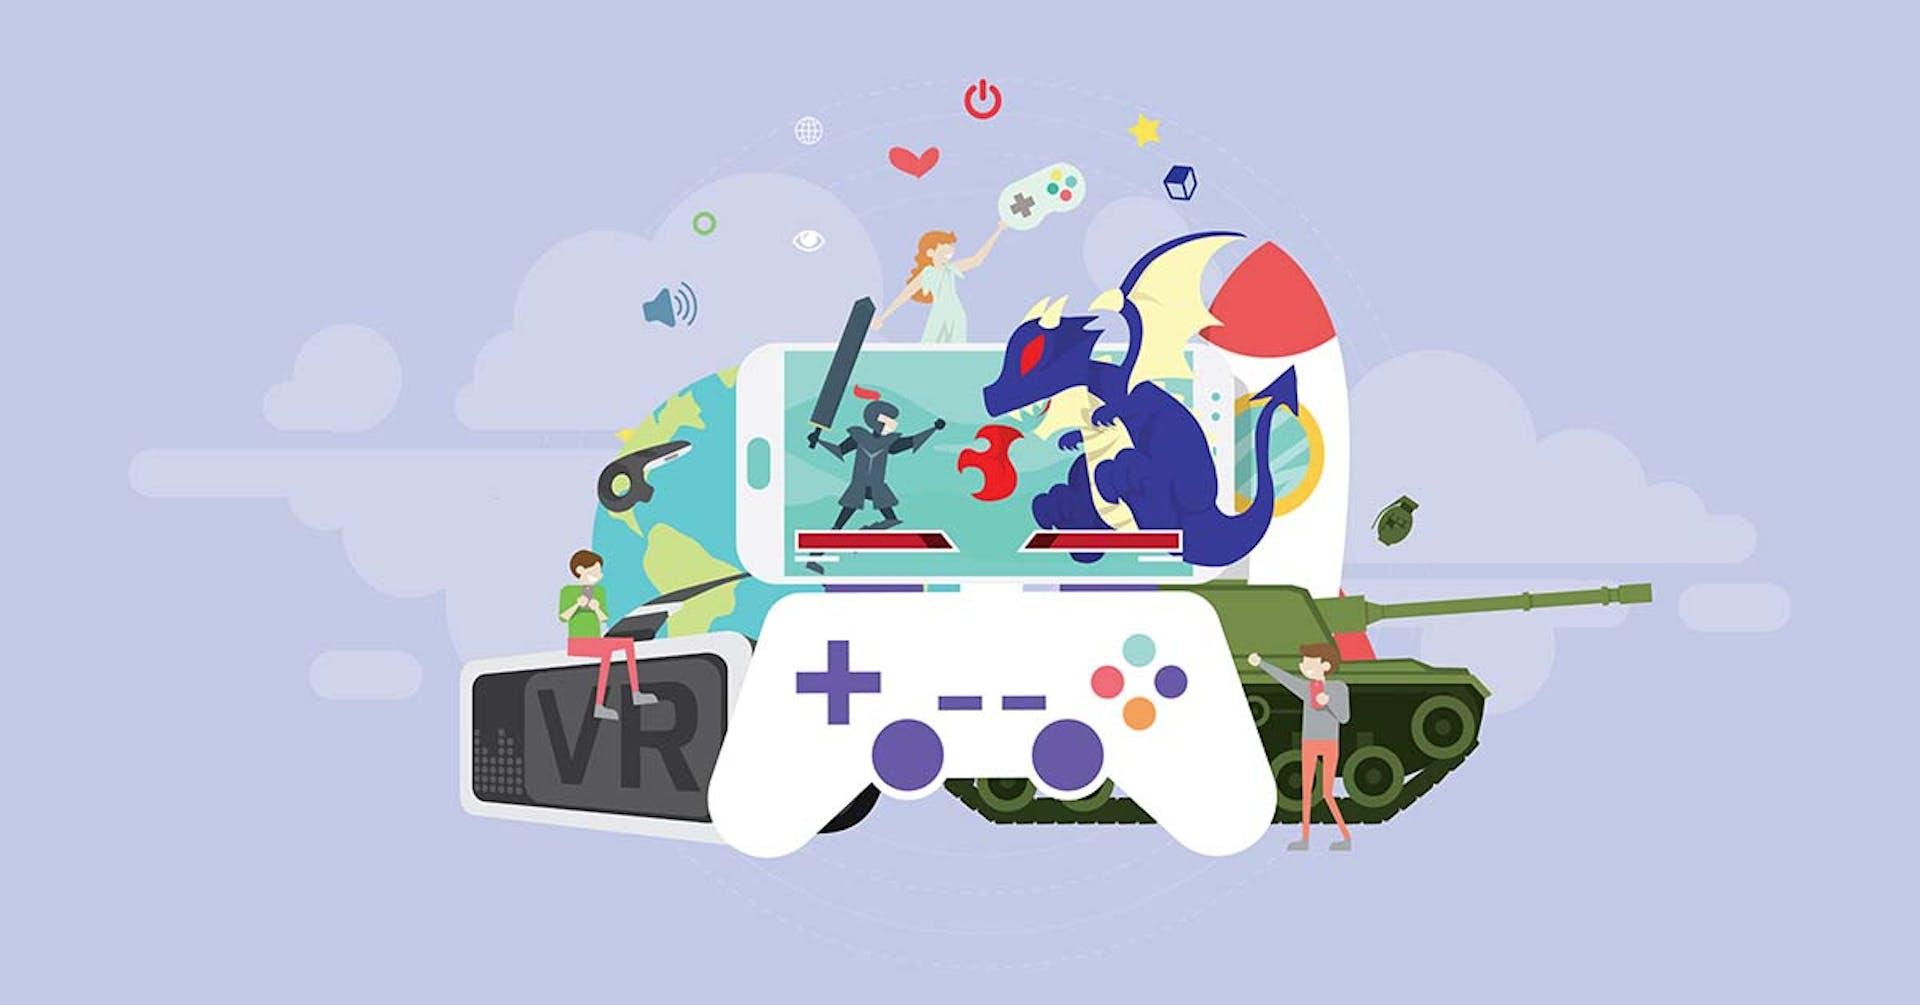 ¿Cómo poner un negocio de videojuegos? Sácale provecho a la fiebre Gamer